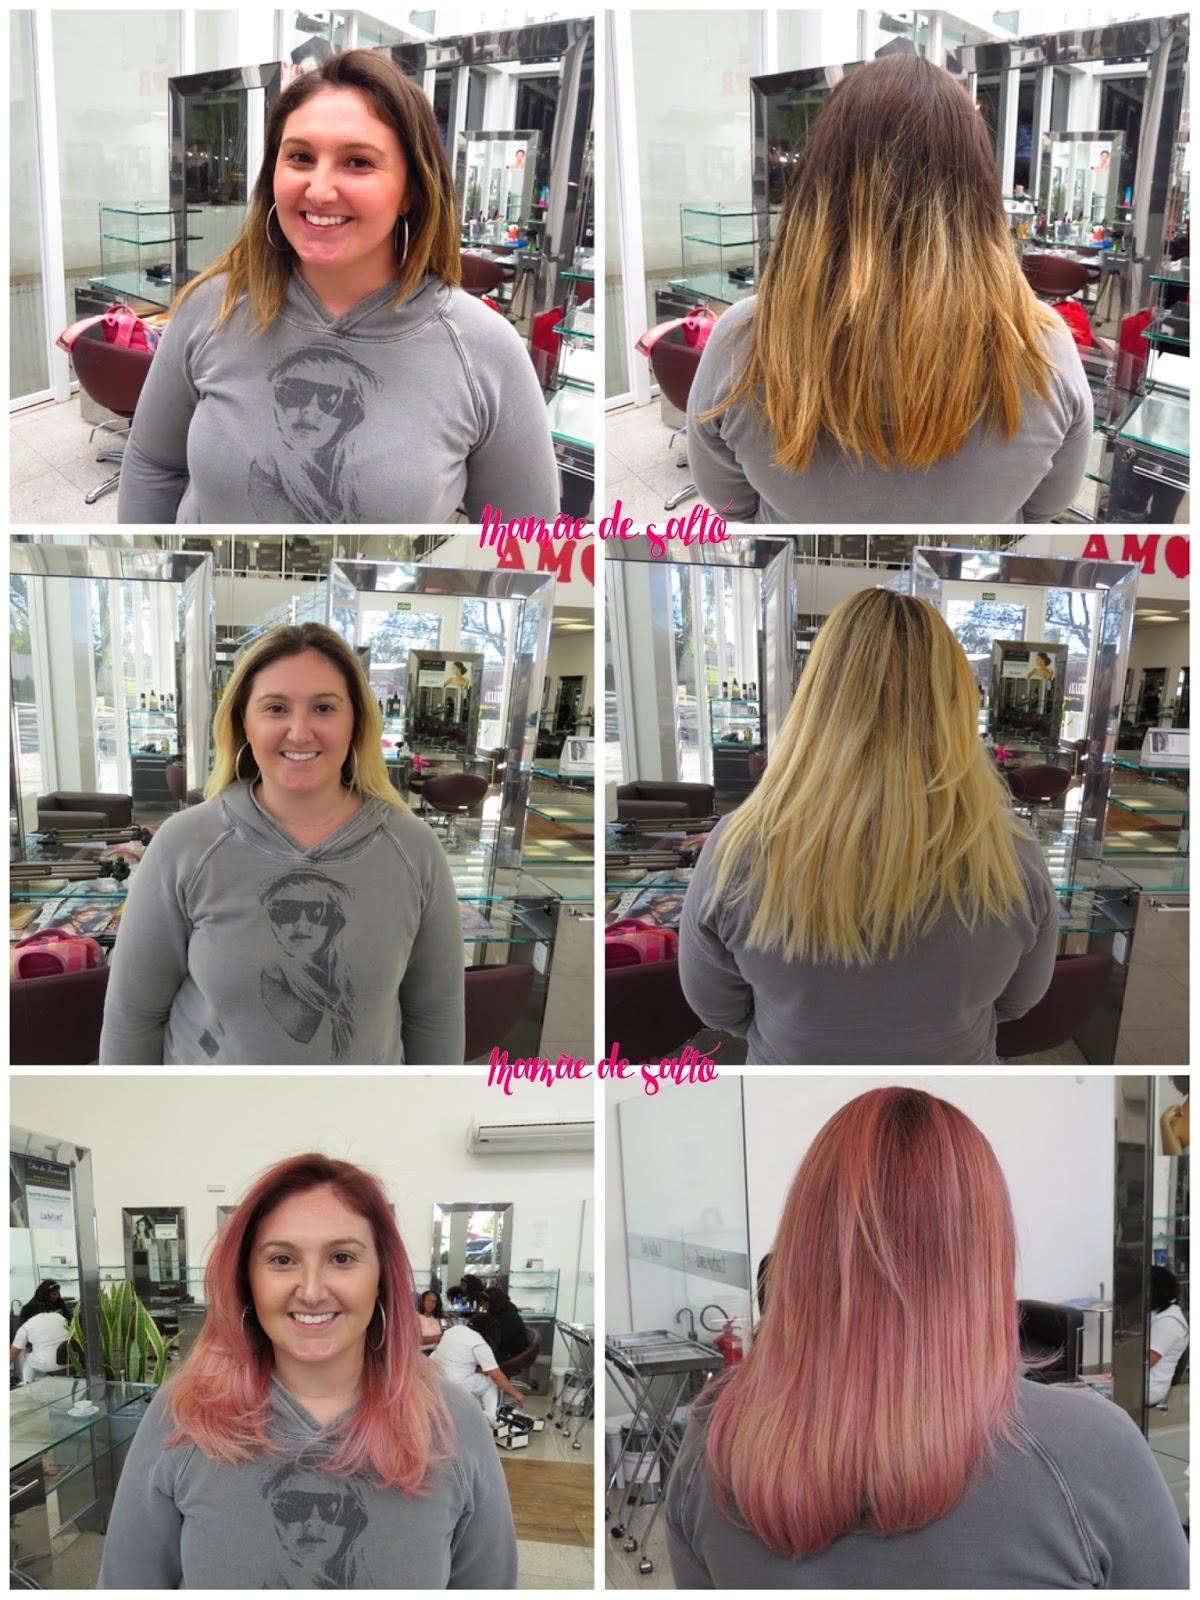 processo transformação cabelo loiro em cabelo rosa com Schwarzkopf e Tayna Viana Lady & Lord Ecoville Curitiba